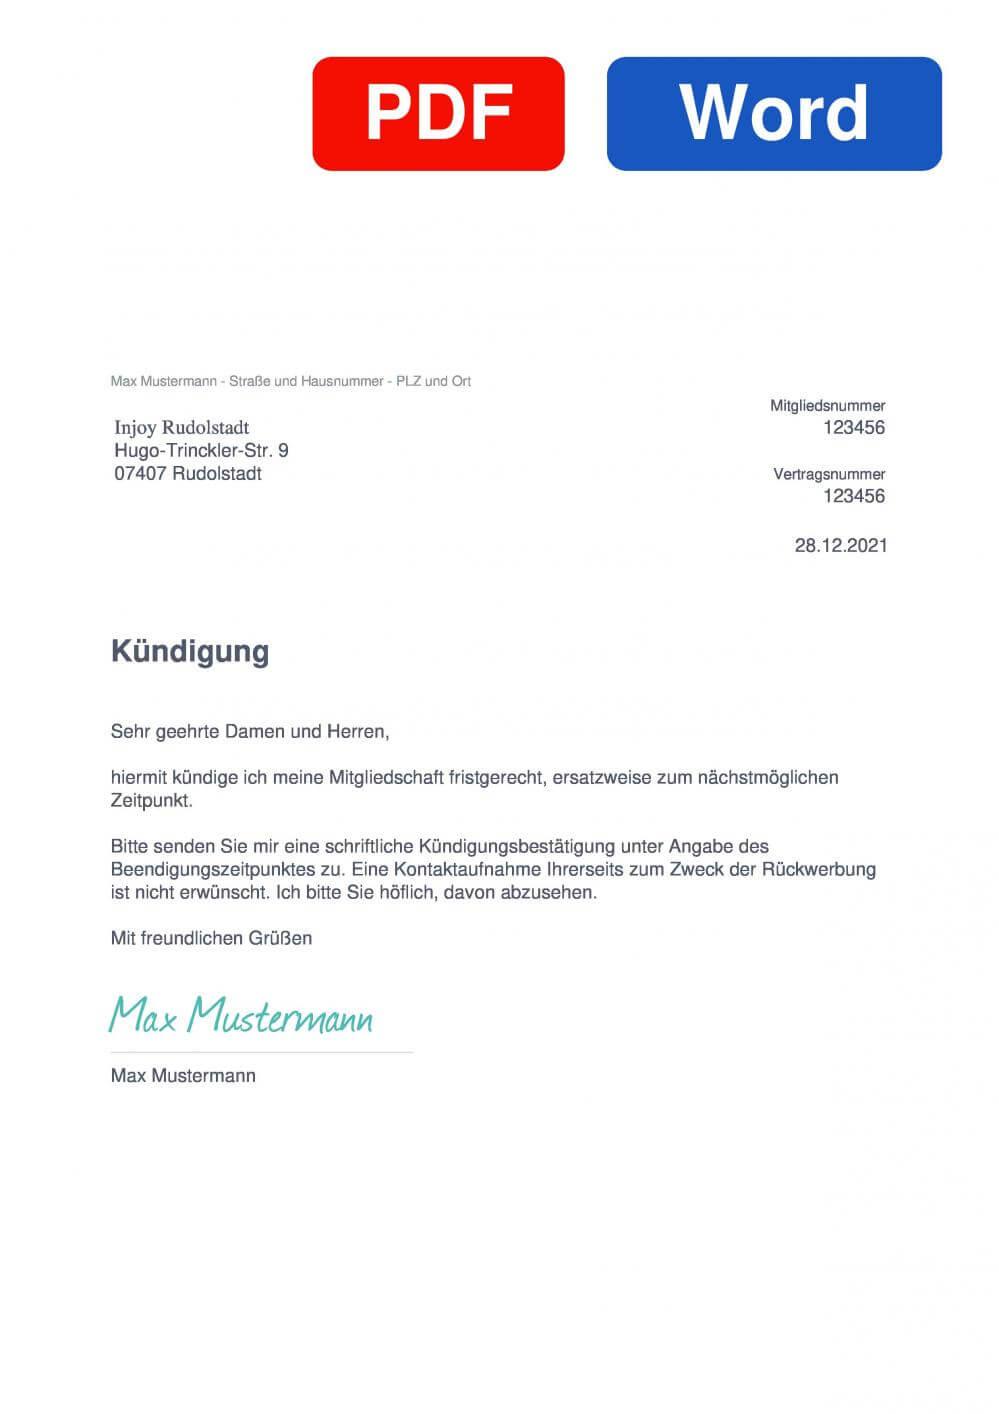 INJOY Rudolstadt Muster Vorlage für Kündigungsschreiben